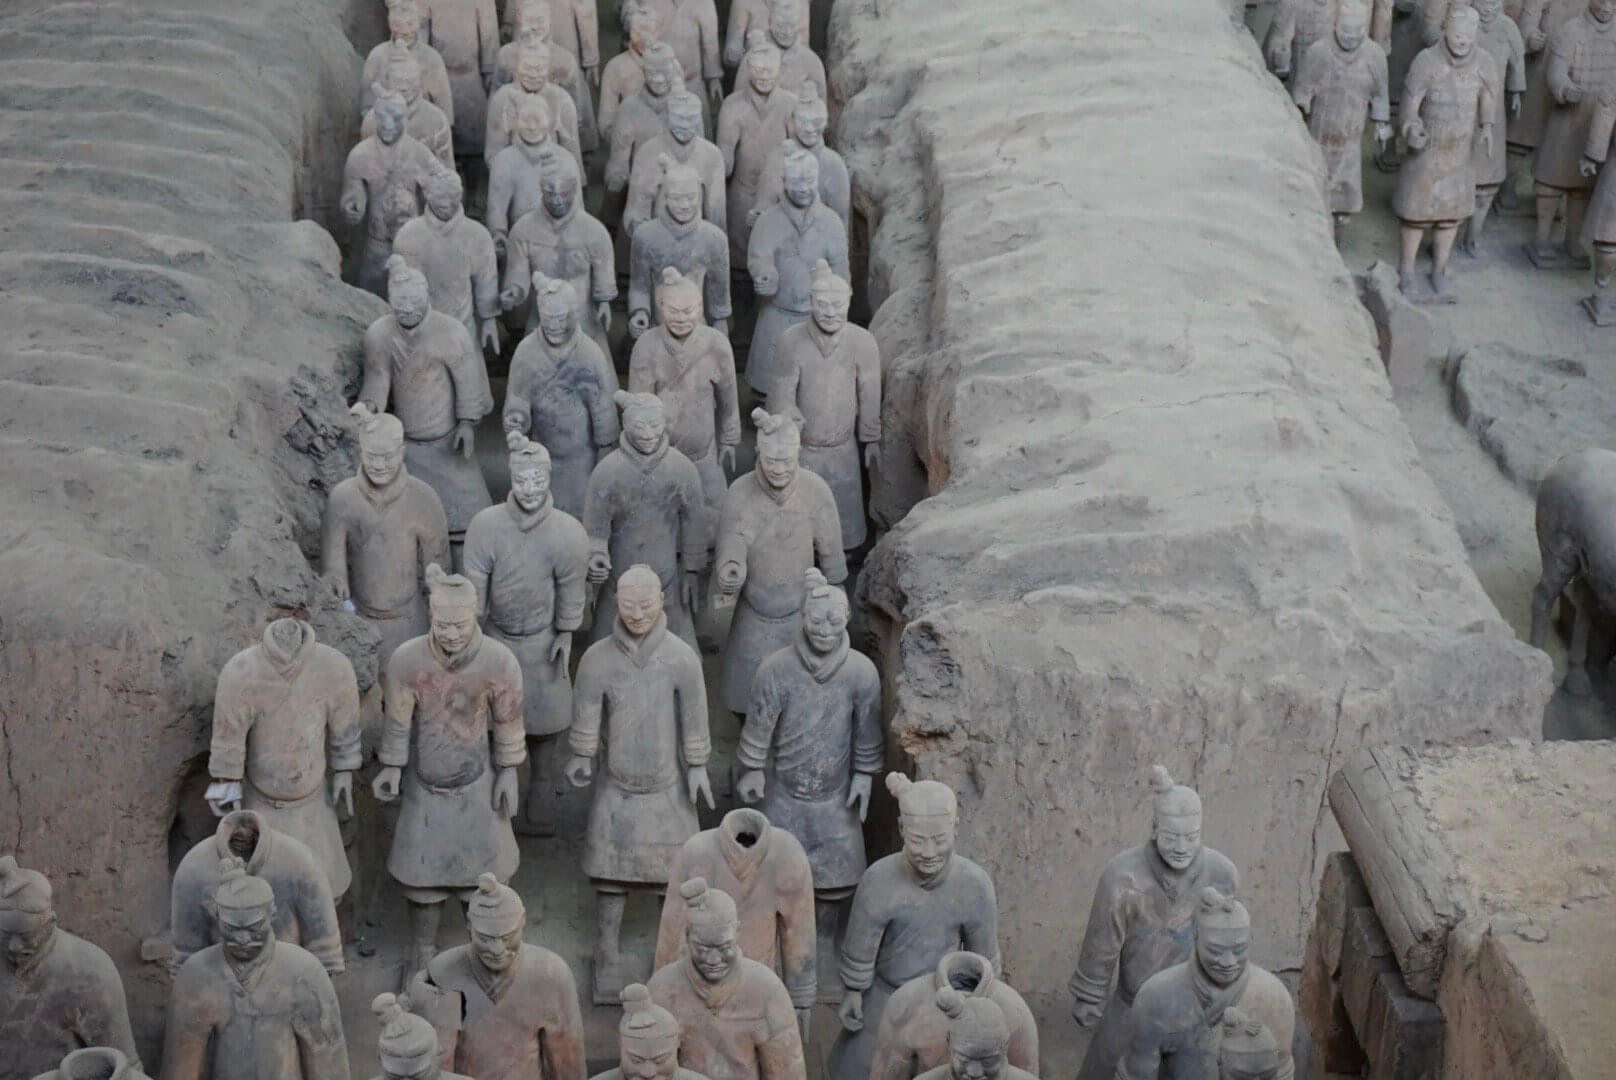 Visiter le musée de soldats en terre cuite de Xian